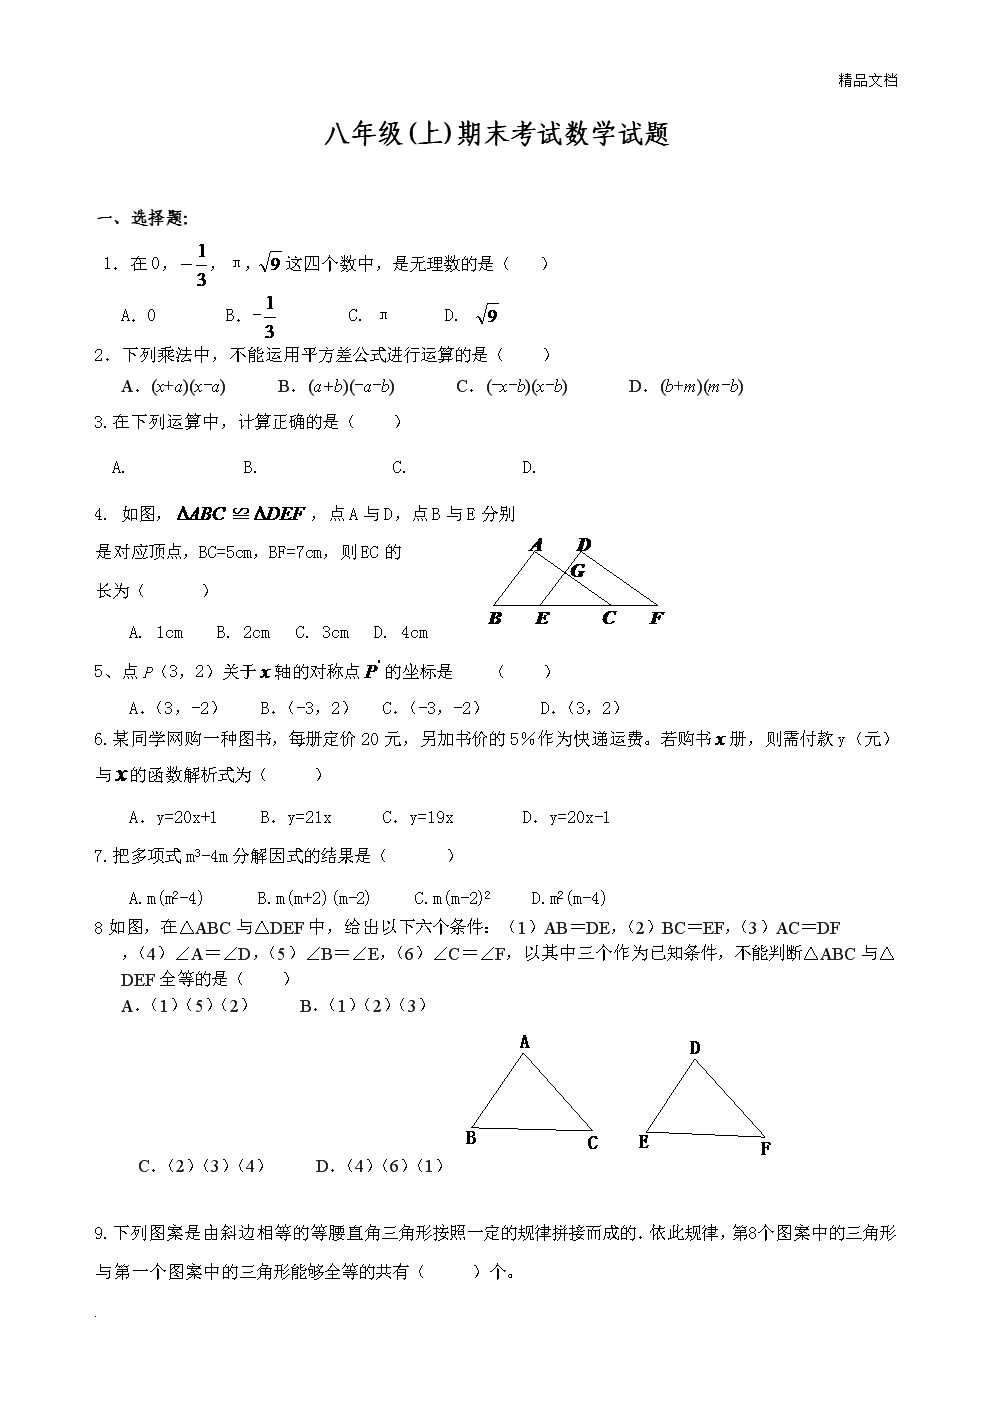 华师大版八年级上数学期末试卷及答案.doc